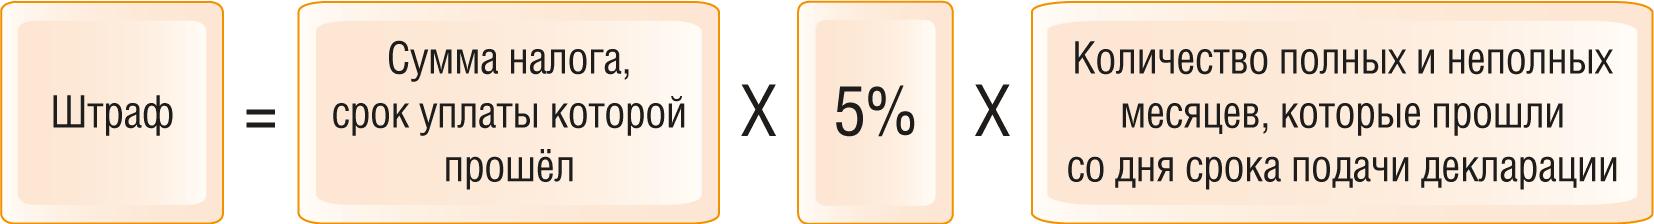 Штрафы за несдачу или несвоевременную сдачу налоговой отчетности 1